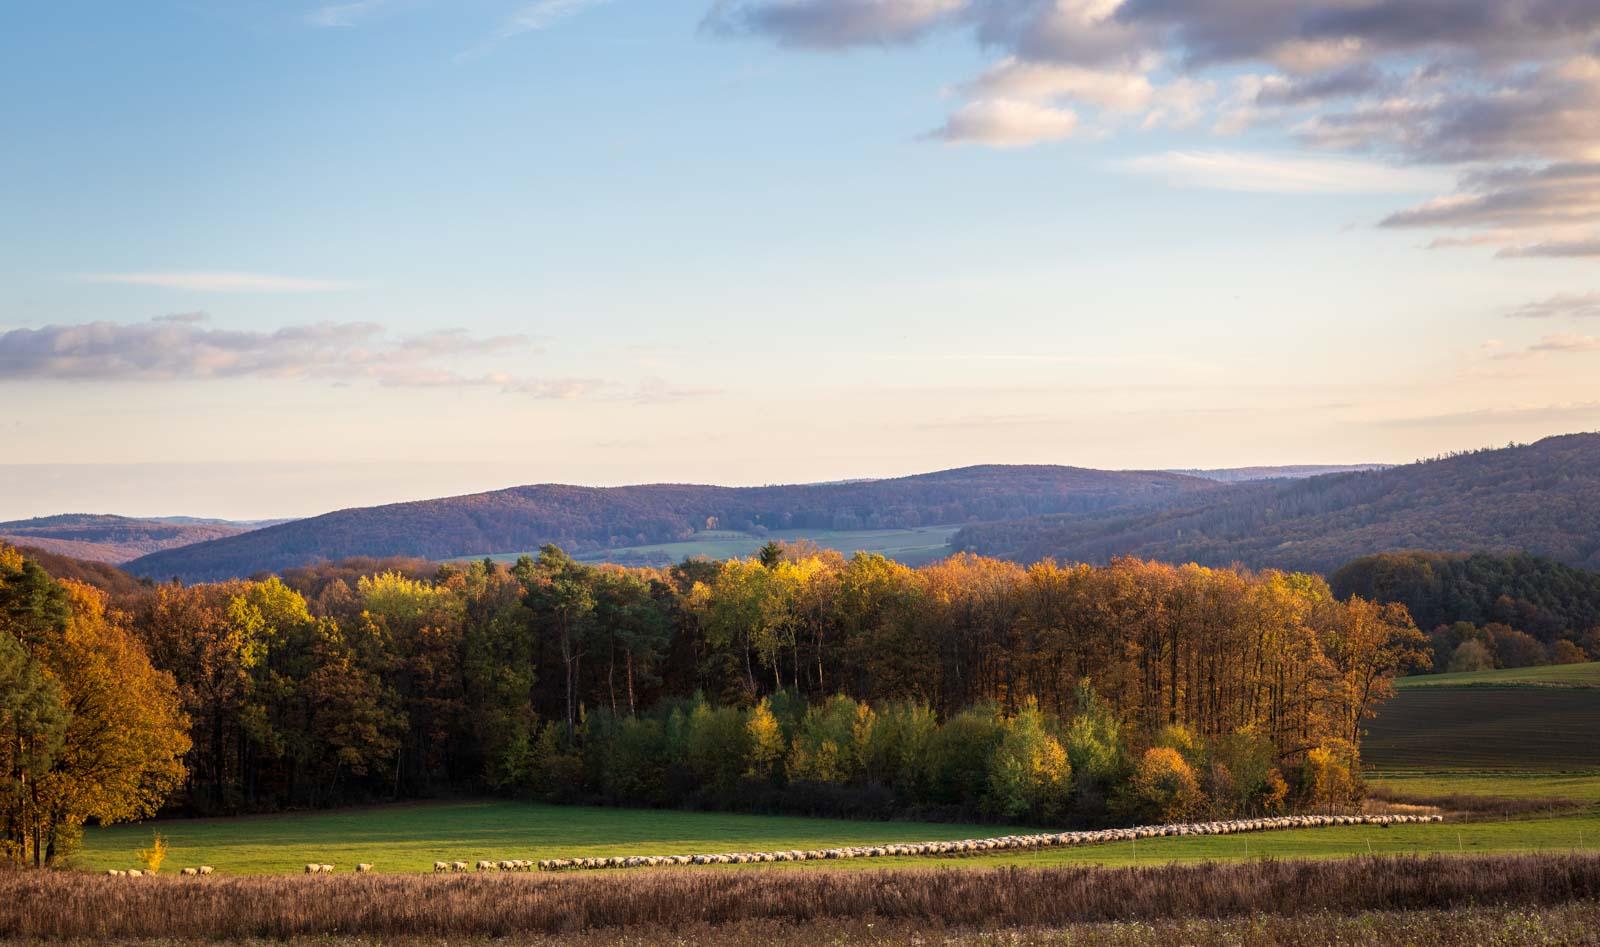 Deutschland, Forrest, Gladenbach, Herbst, Hessen, Hinterland, Landscape, Landschaft, Natur, Nature, Wald, autumn